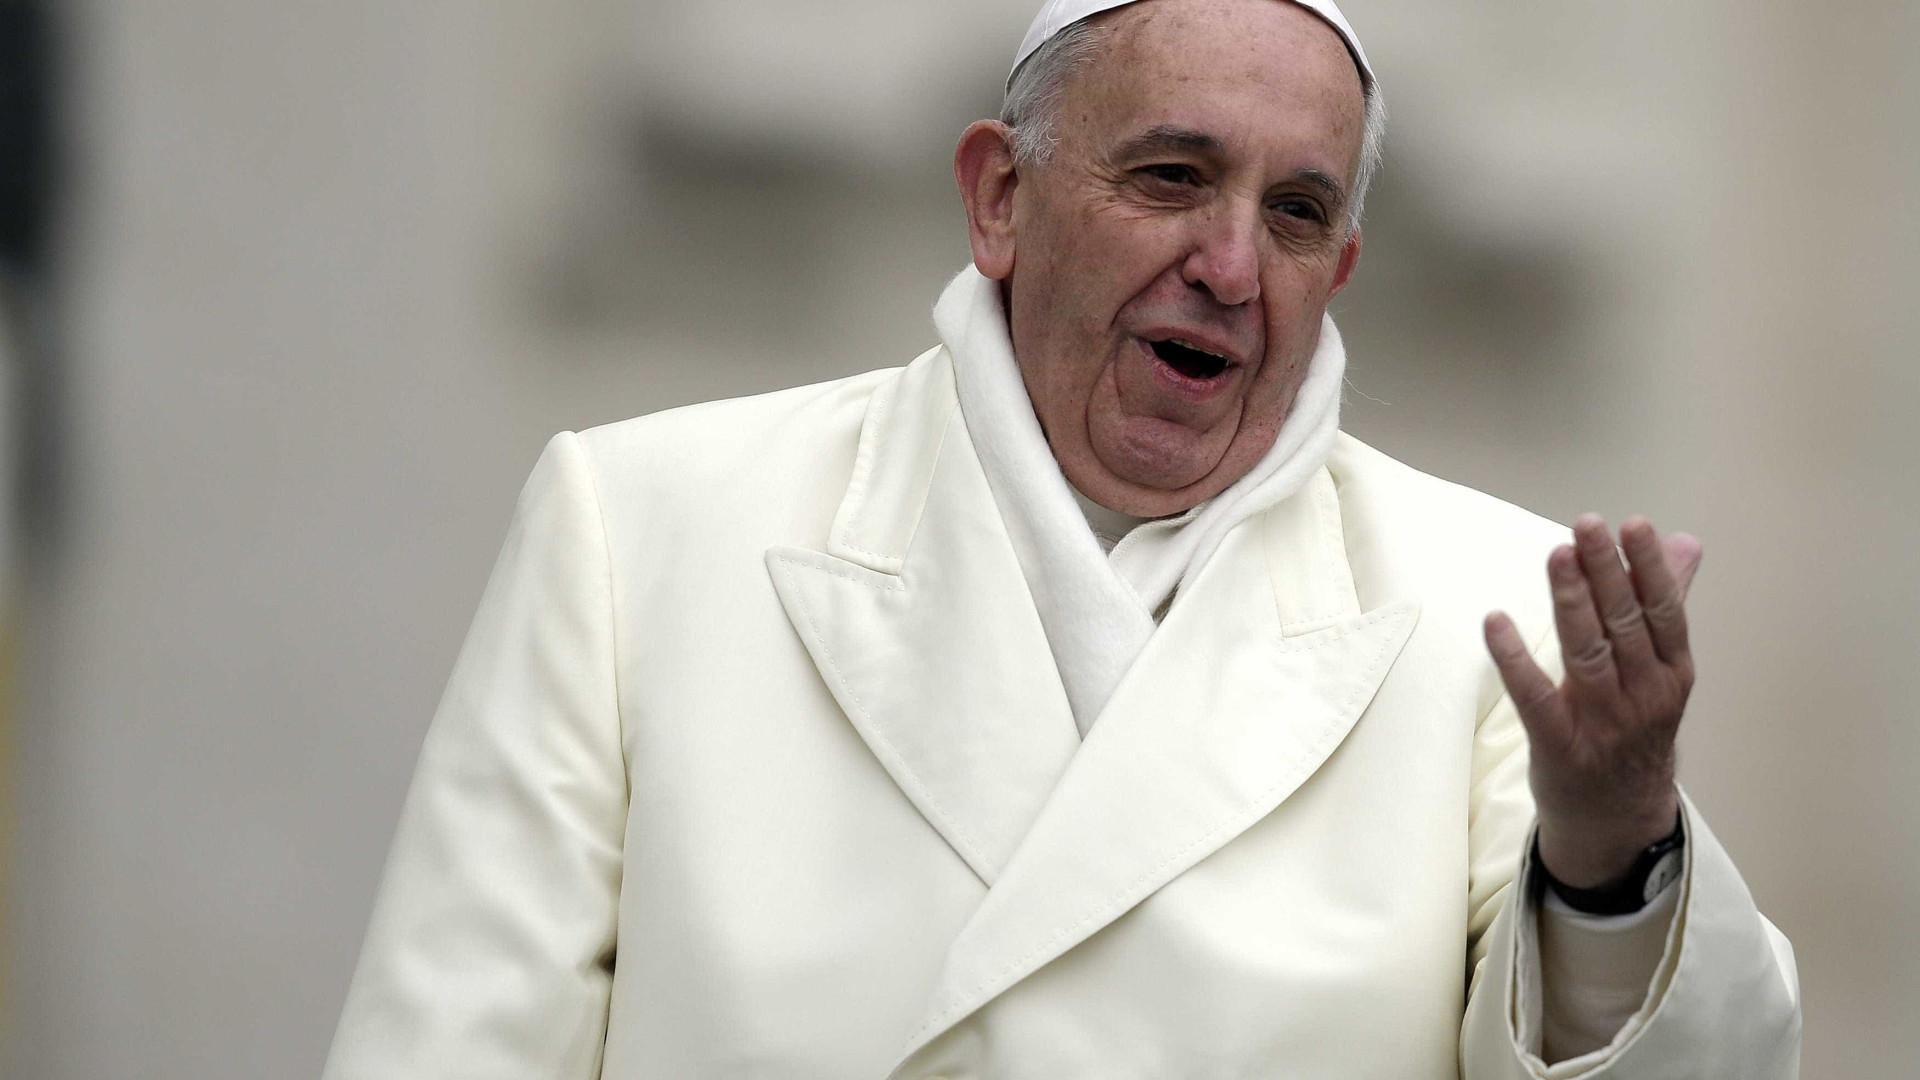 Em missa, Papa fala de trágedia  e 'dor do povo brasileiro'; veja